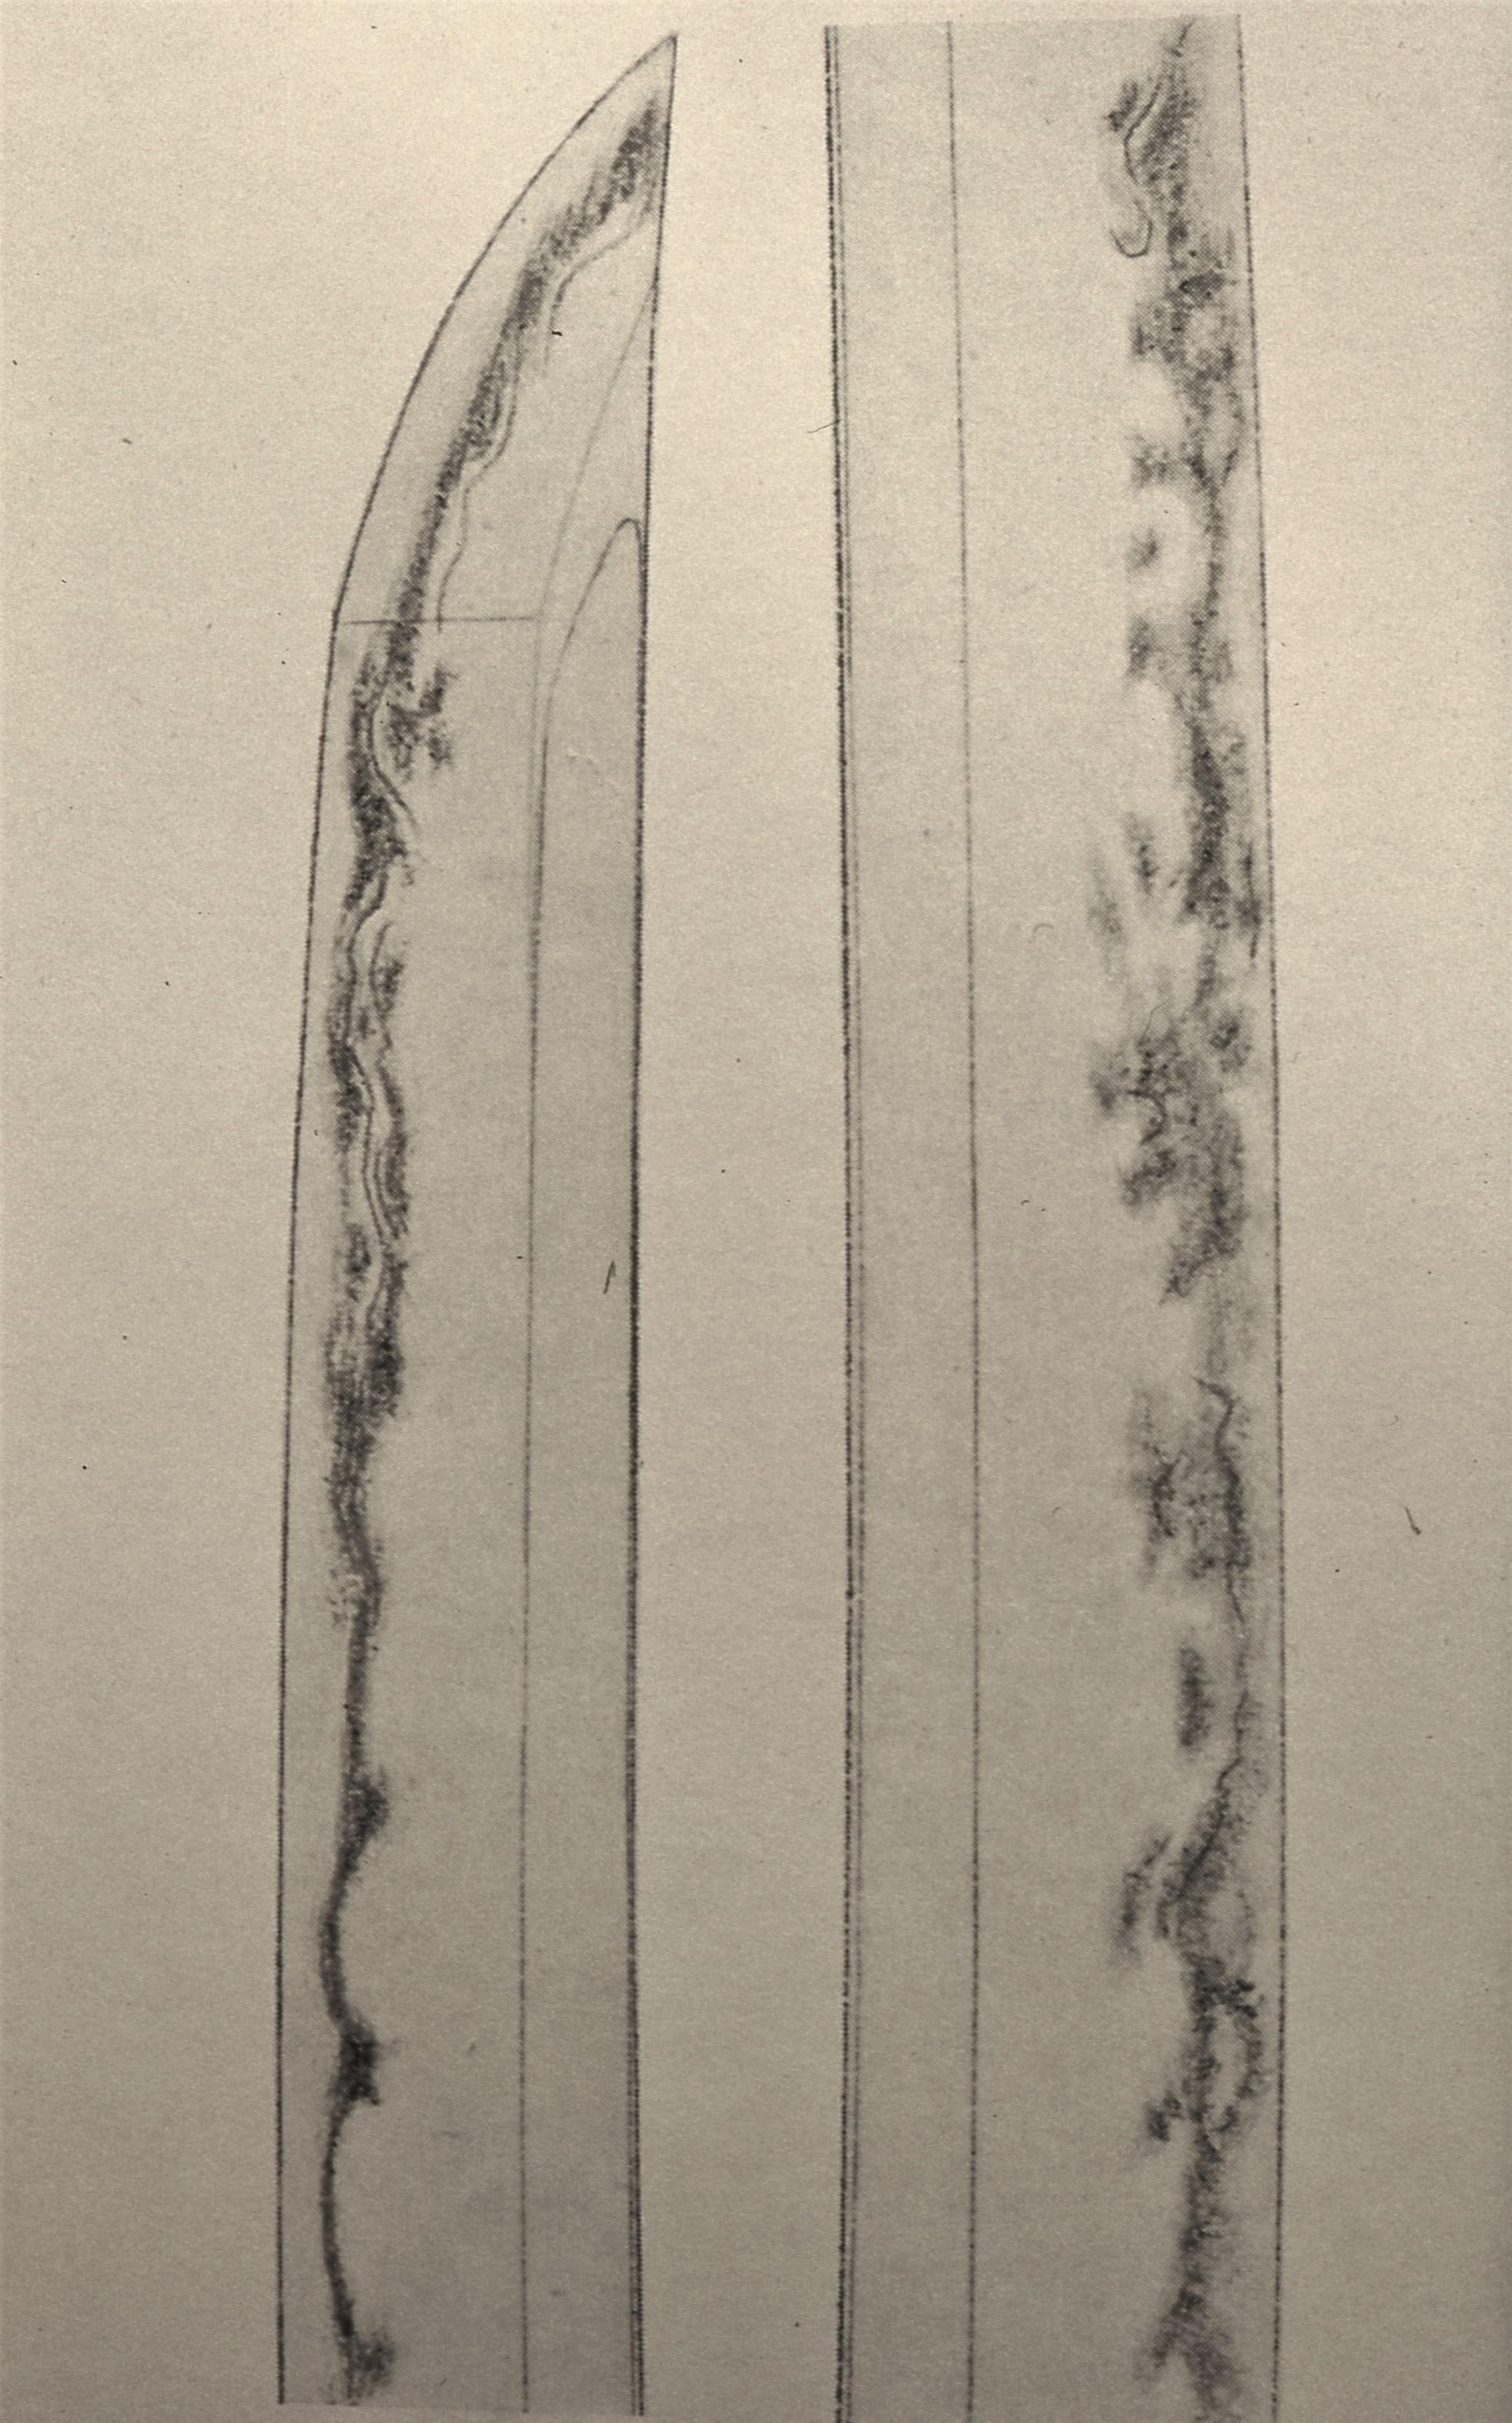 17 Masamune hamon (Sano)